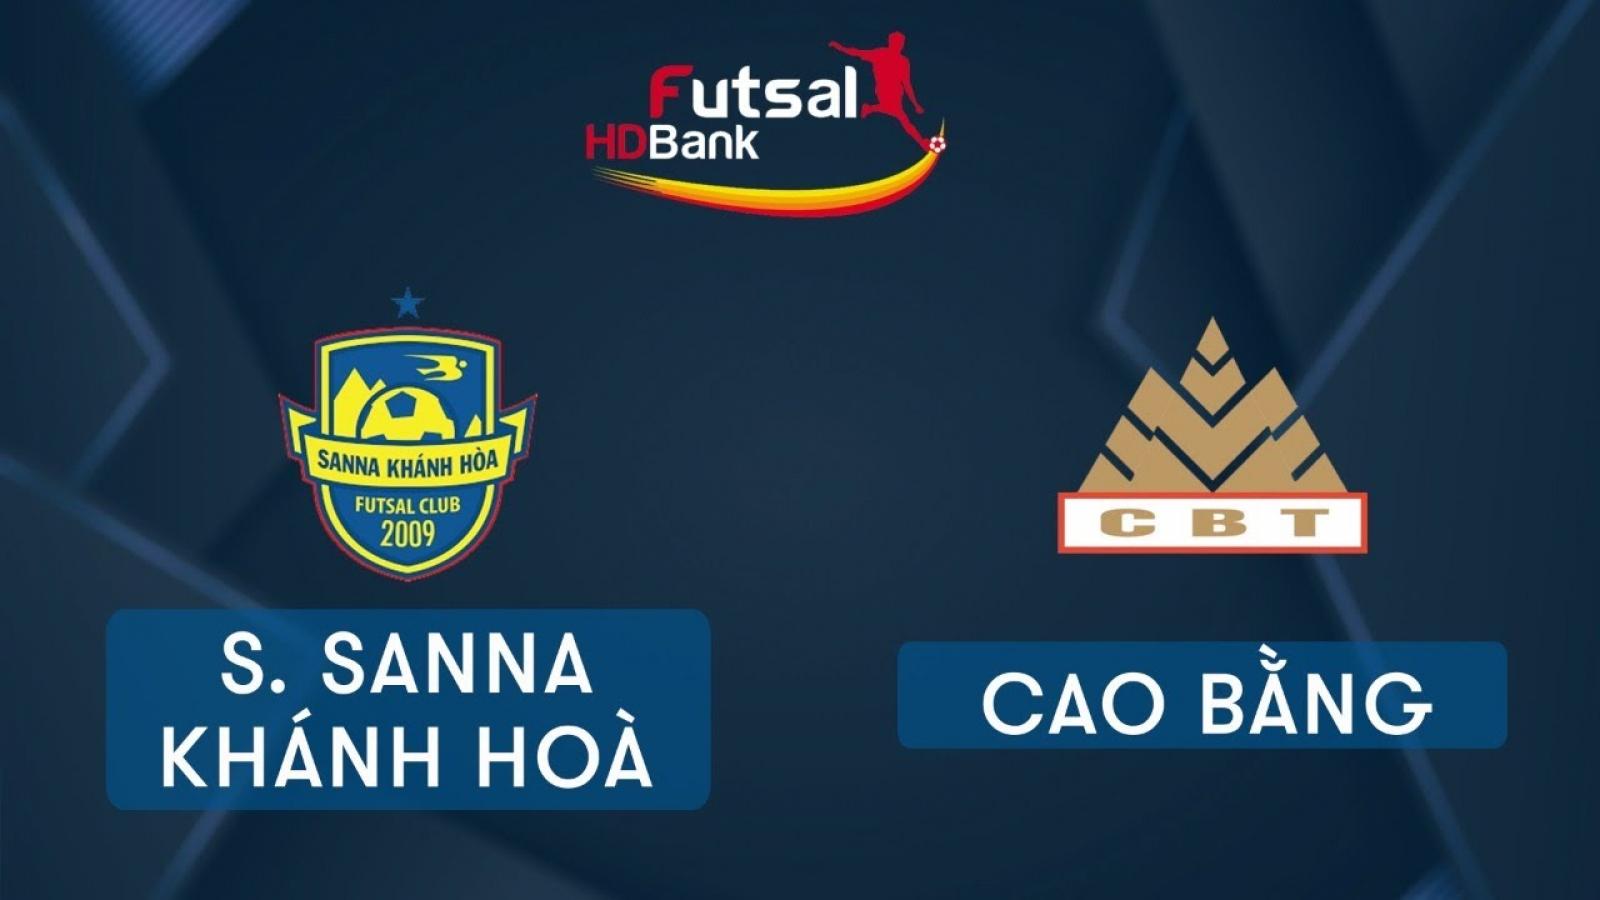 Xem trực tiếp Futsal HDBank VĐQG 2020: Cao Bằng - Sanna Khánh Hòa